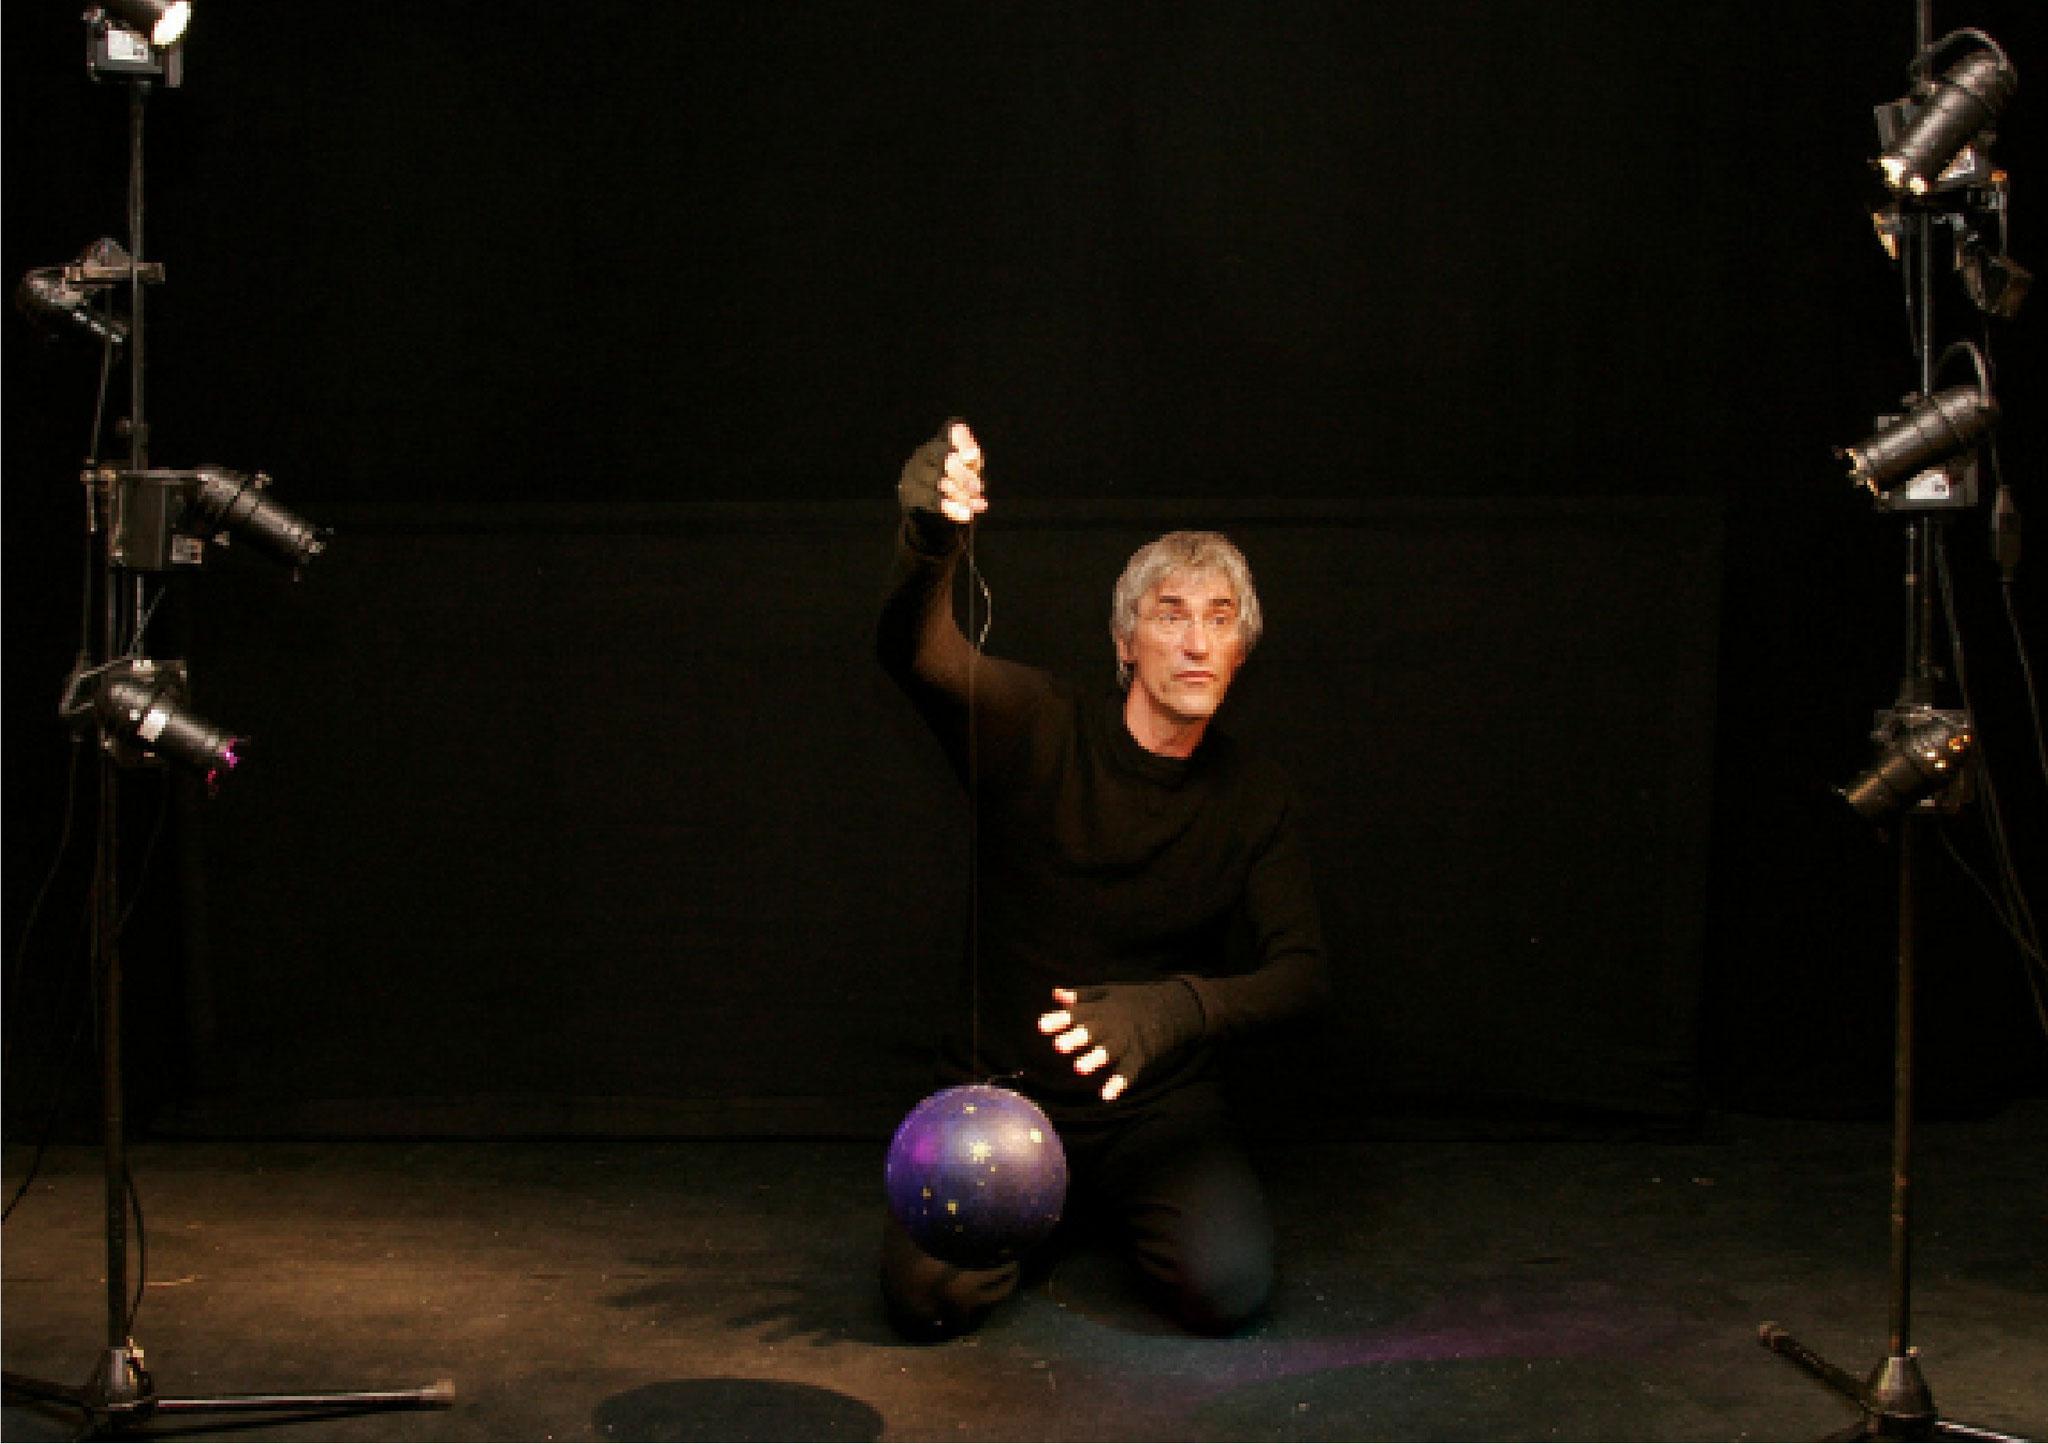 Man lernt mit Licht und Schatten zu arbeiten, denn im Marionettenspiel kommt dem Licht eine große Bedeutung zu.